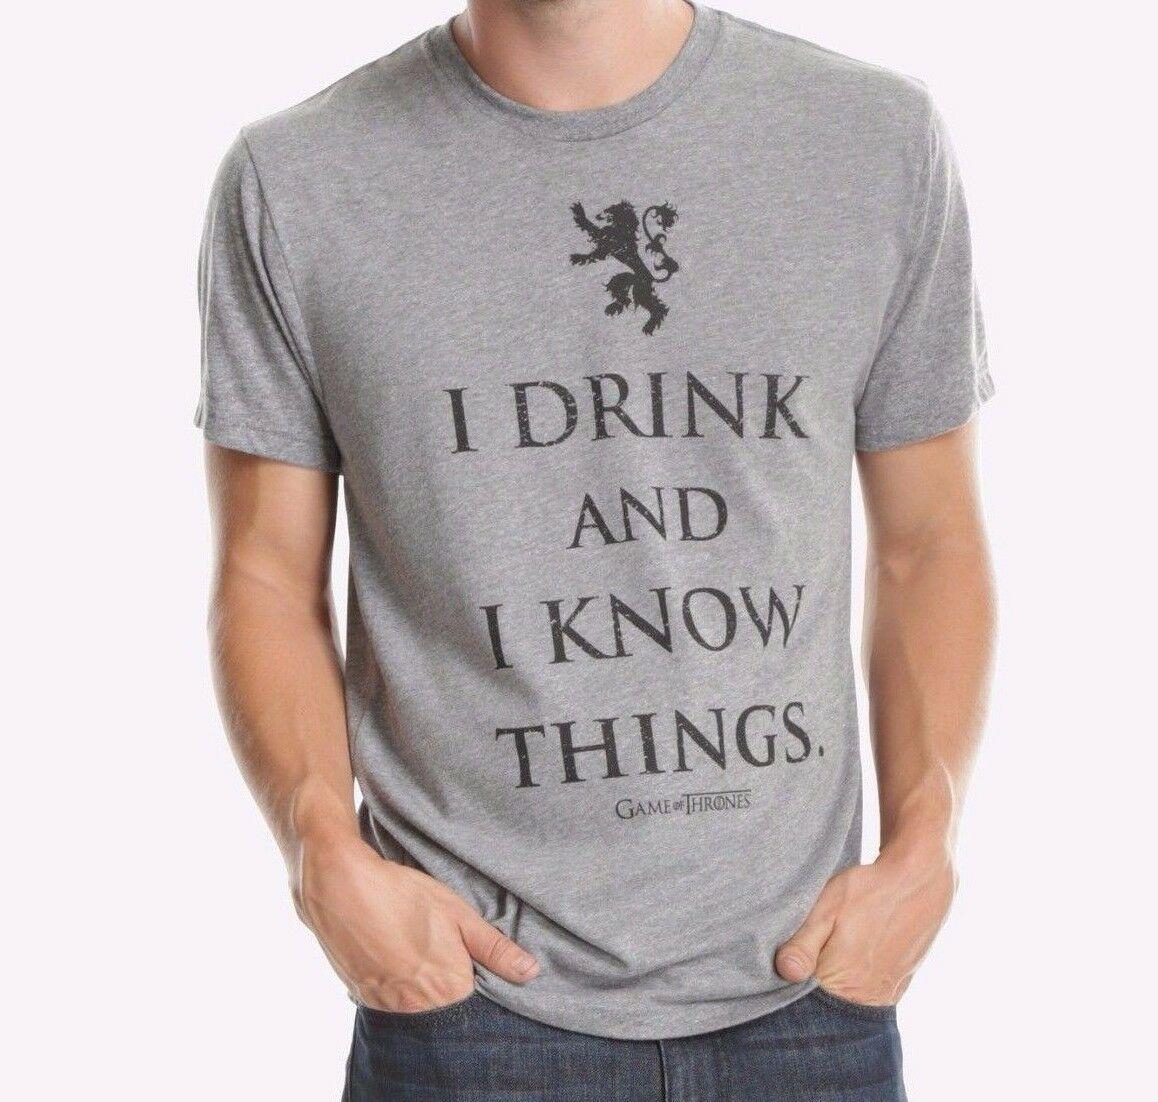 Game Of Thrones TYRION LANNISTER je bois et je sais des choses T-Shirt NWT authentique été hommes mode T-Shirt 2019 mode T-Shirt